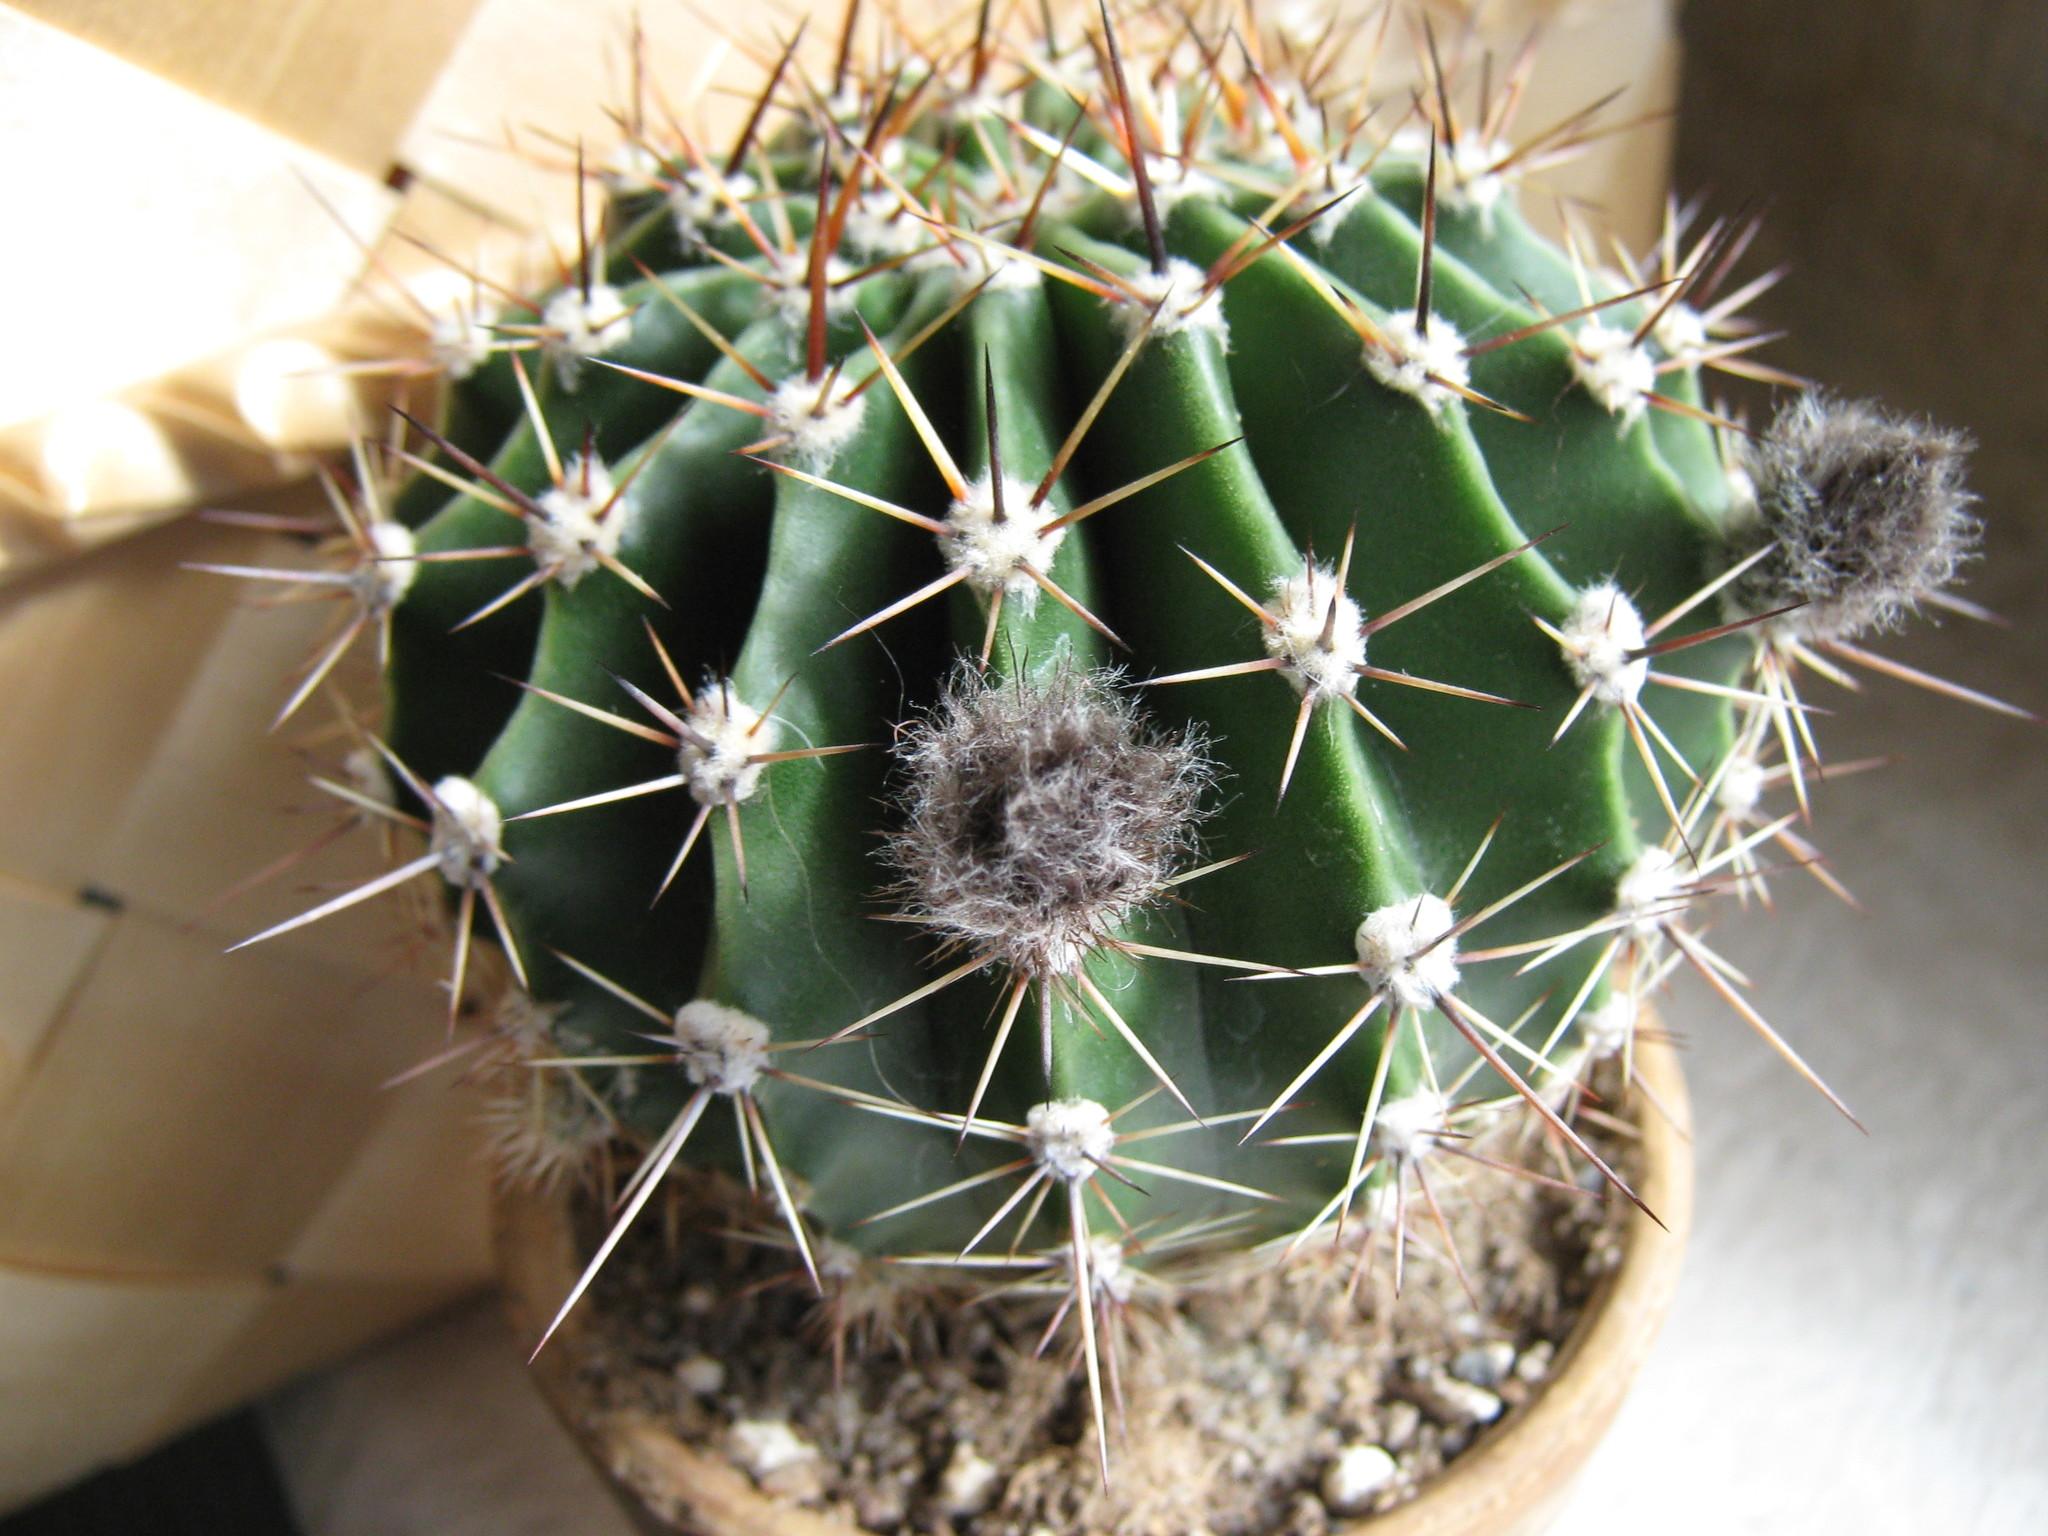 тюльпаны какие бутоны у кактусов фото начиная роддома